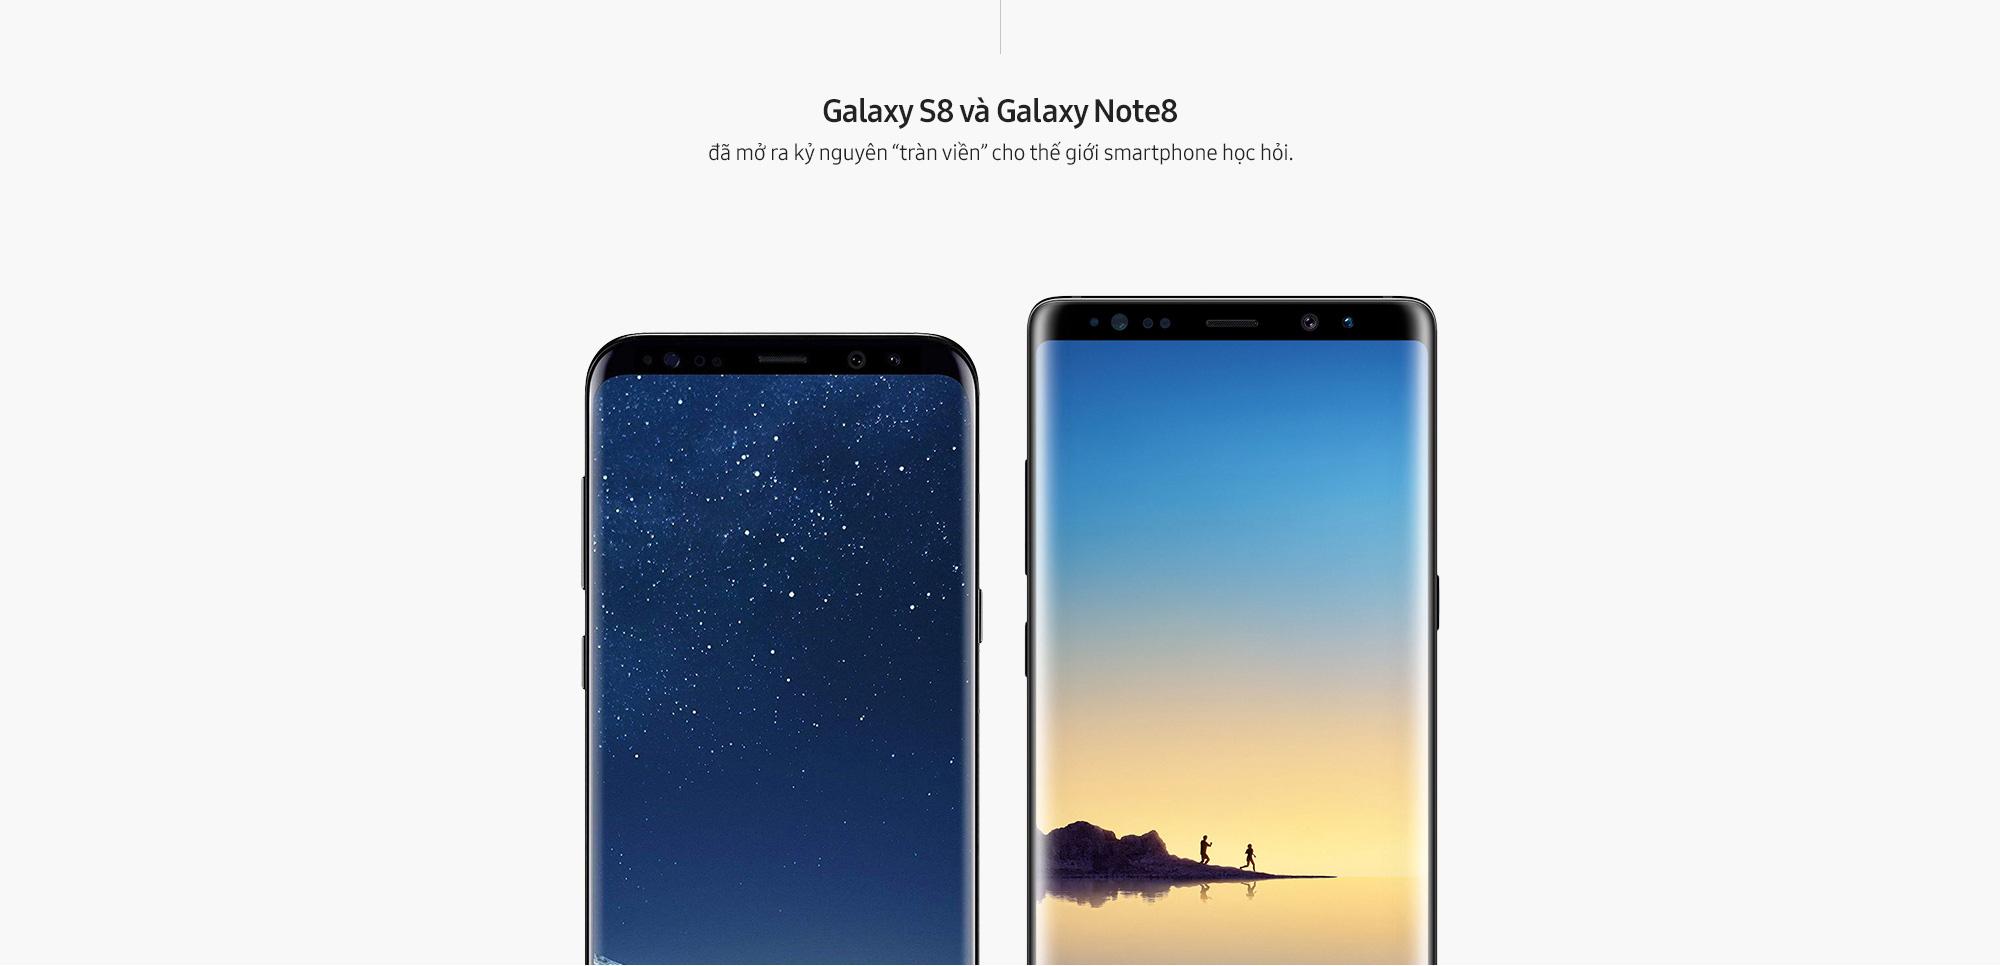 Samsung Galaxy: 10 năm ngập tràn những cống hiến của vị vua smartphone toàn cầu - Ảnh 10.